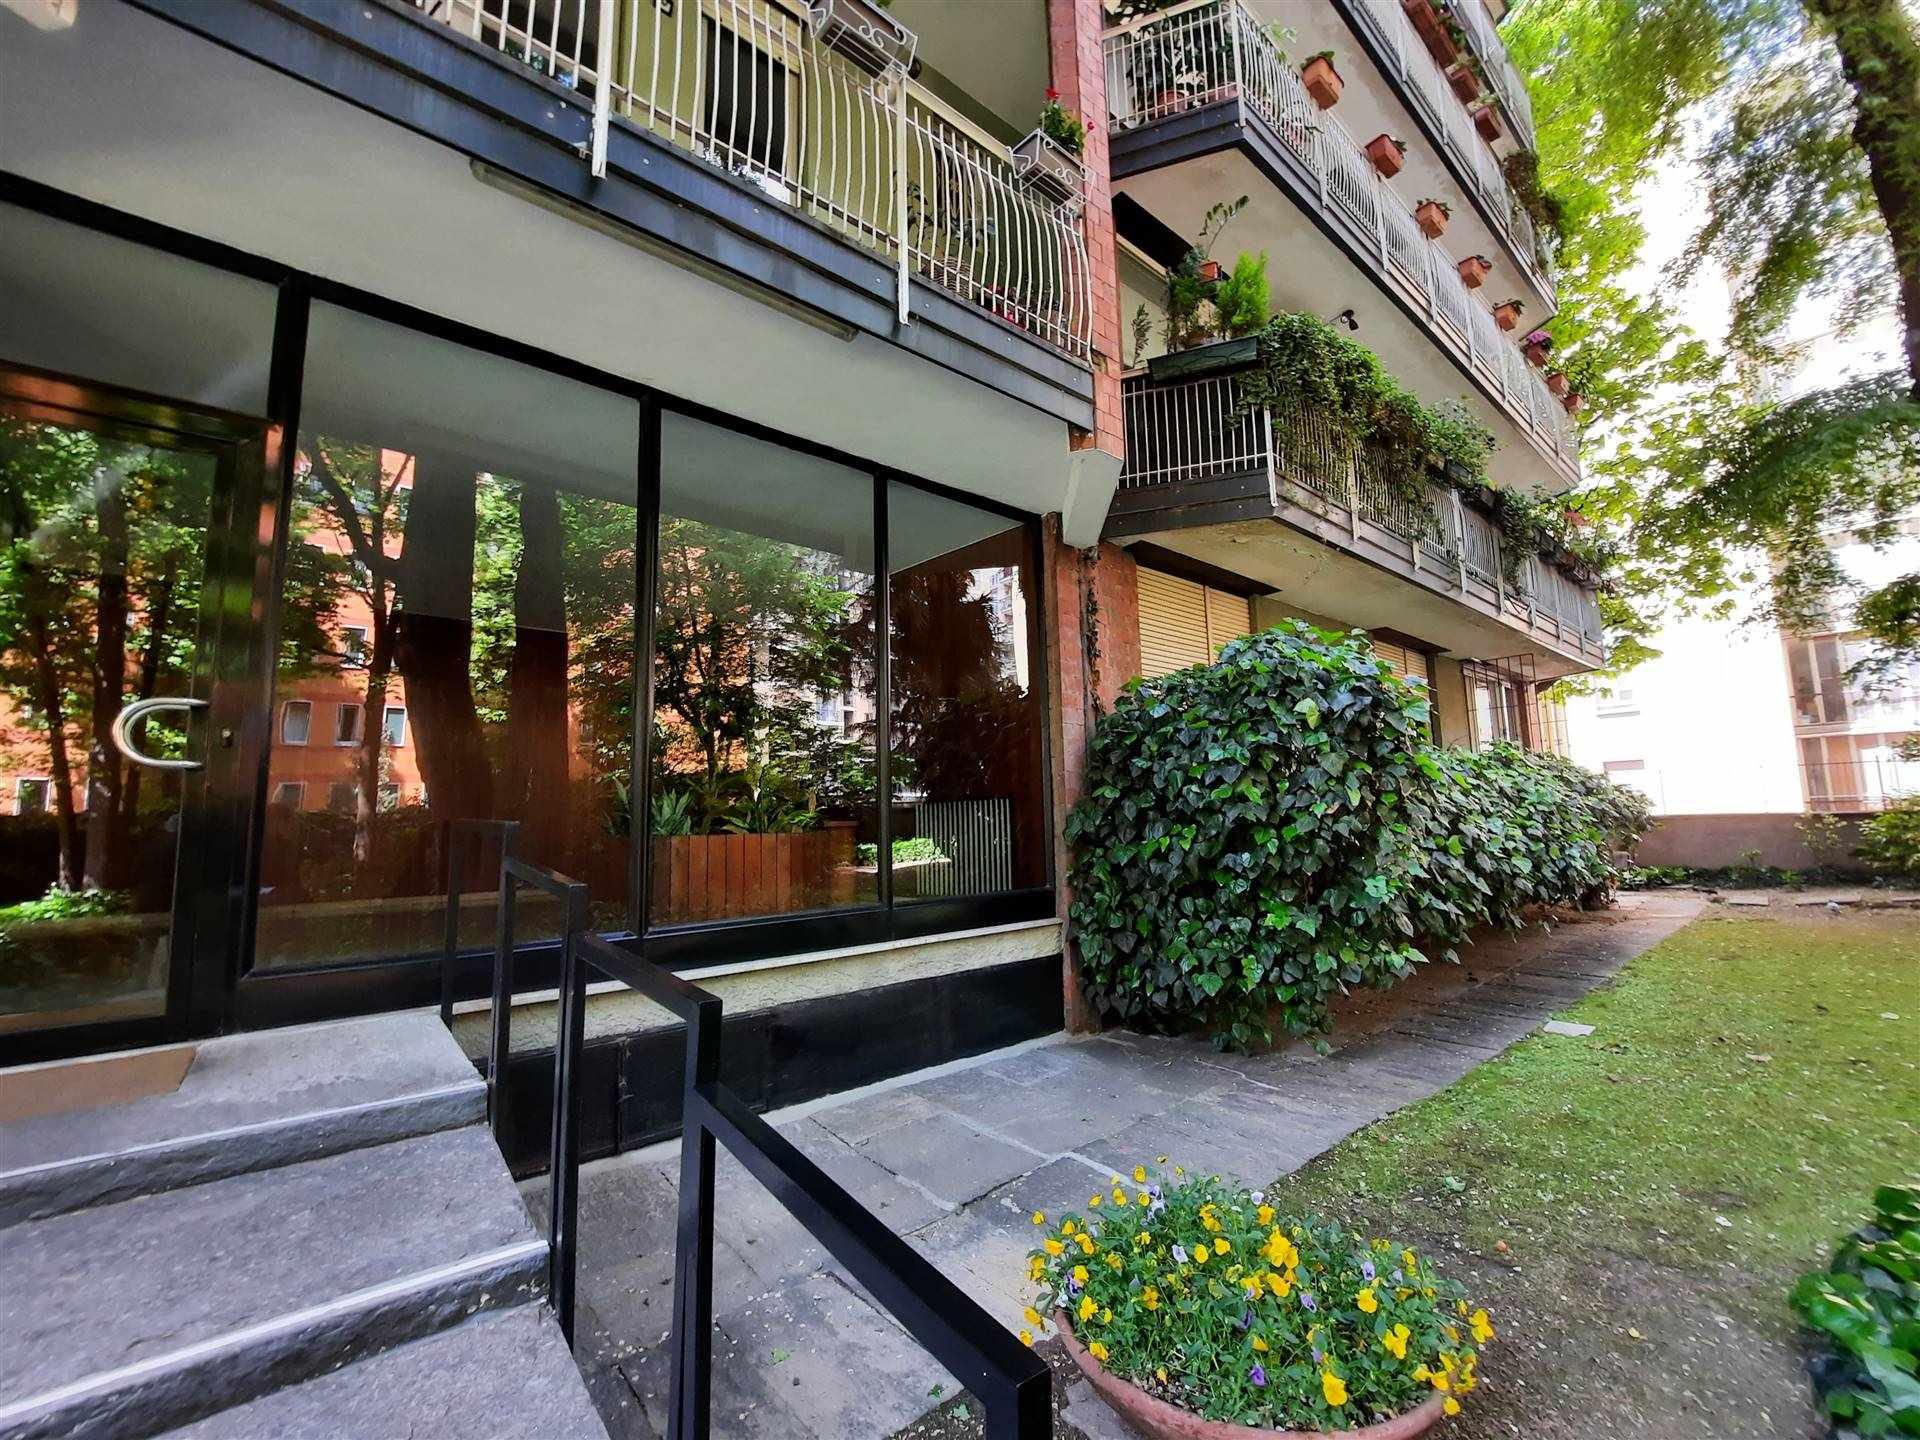 VIA GULLI ADIACENZE Posizione: L'appartamento si inserisce in un pregevole quartiere residenziale di Milano particolarmente apprezzato per la sua